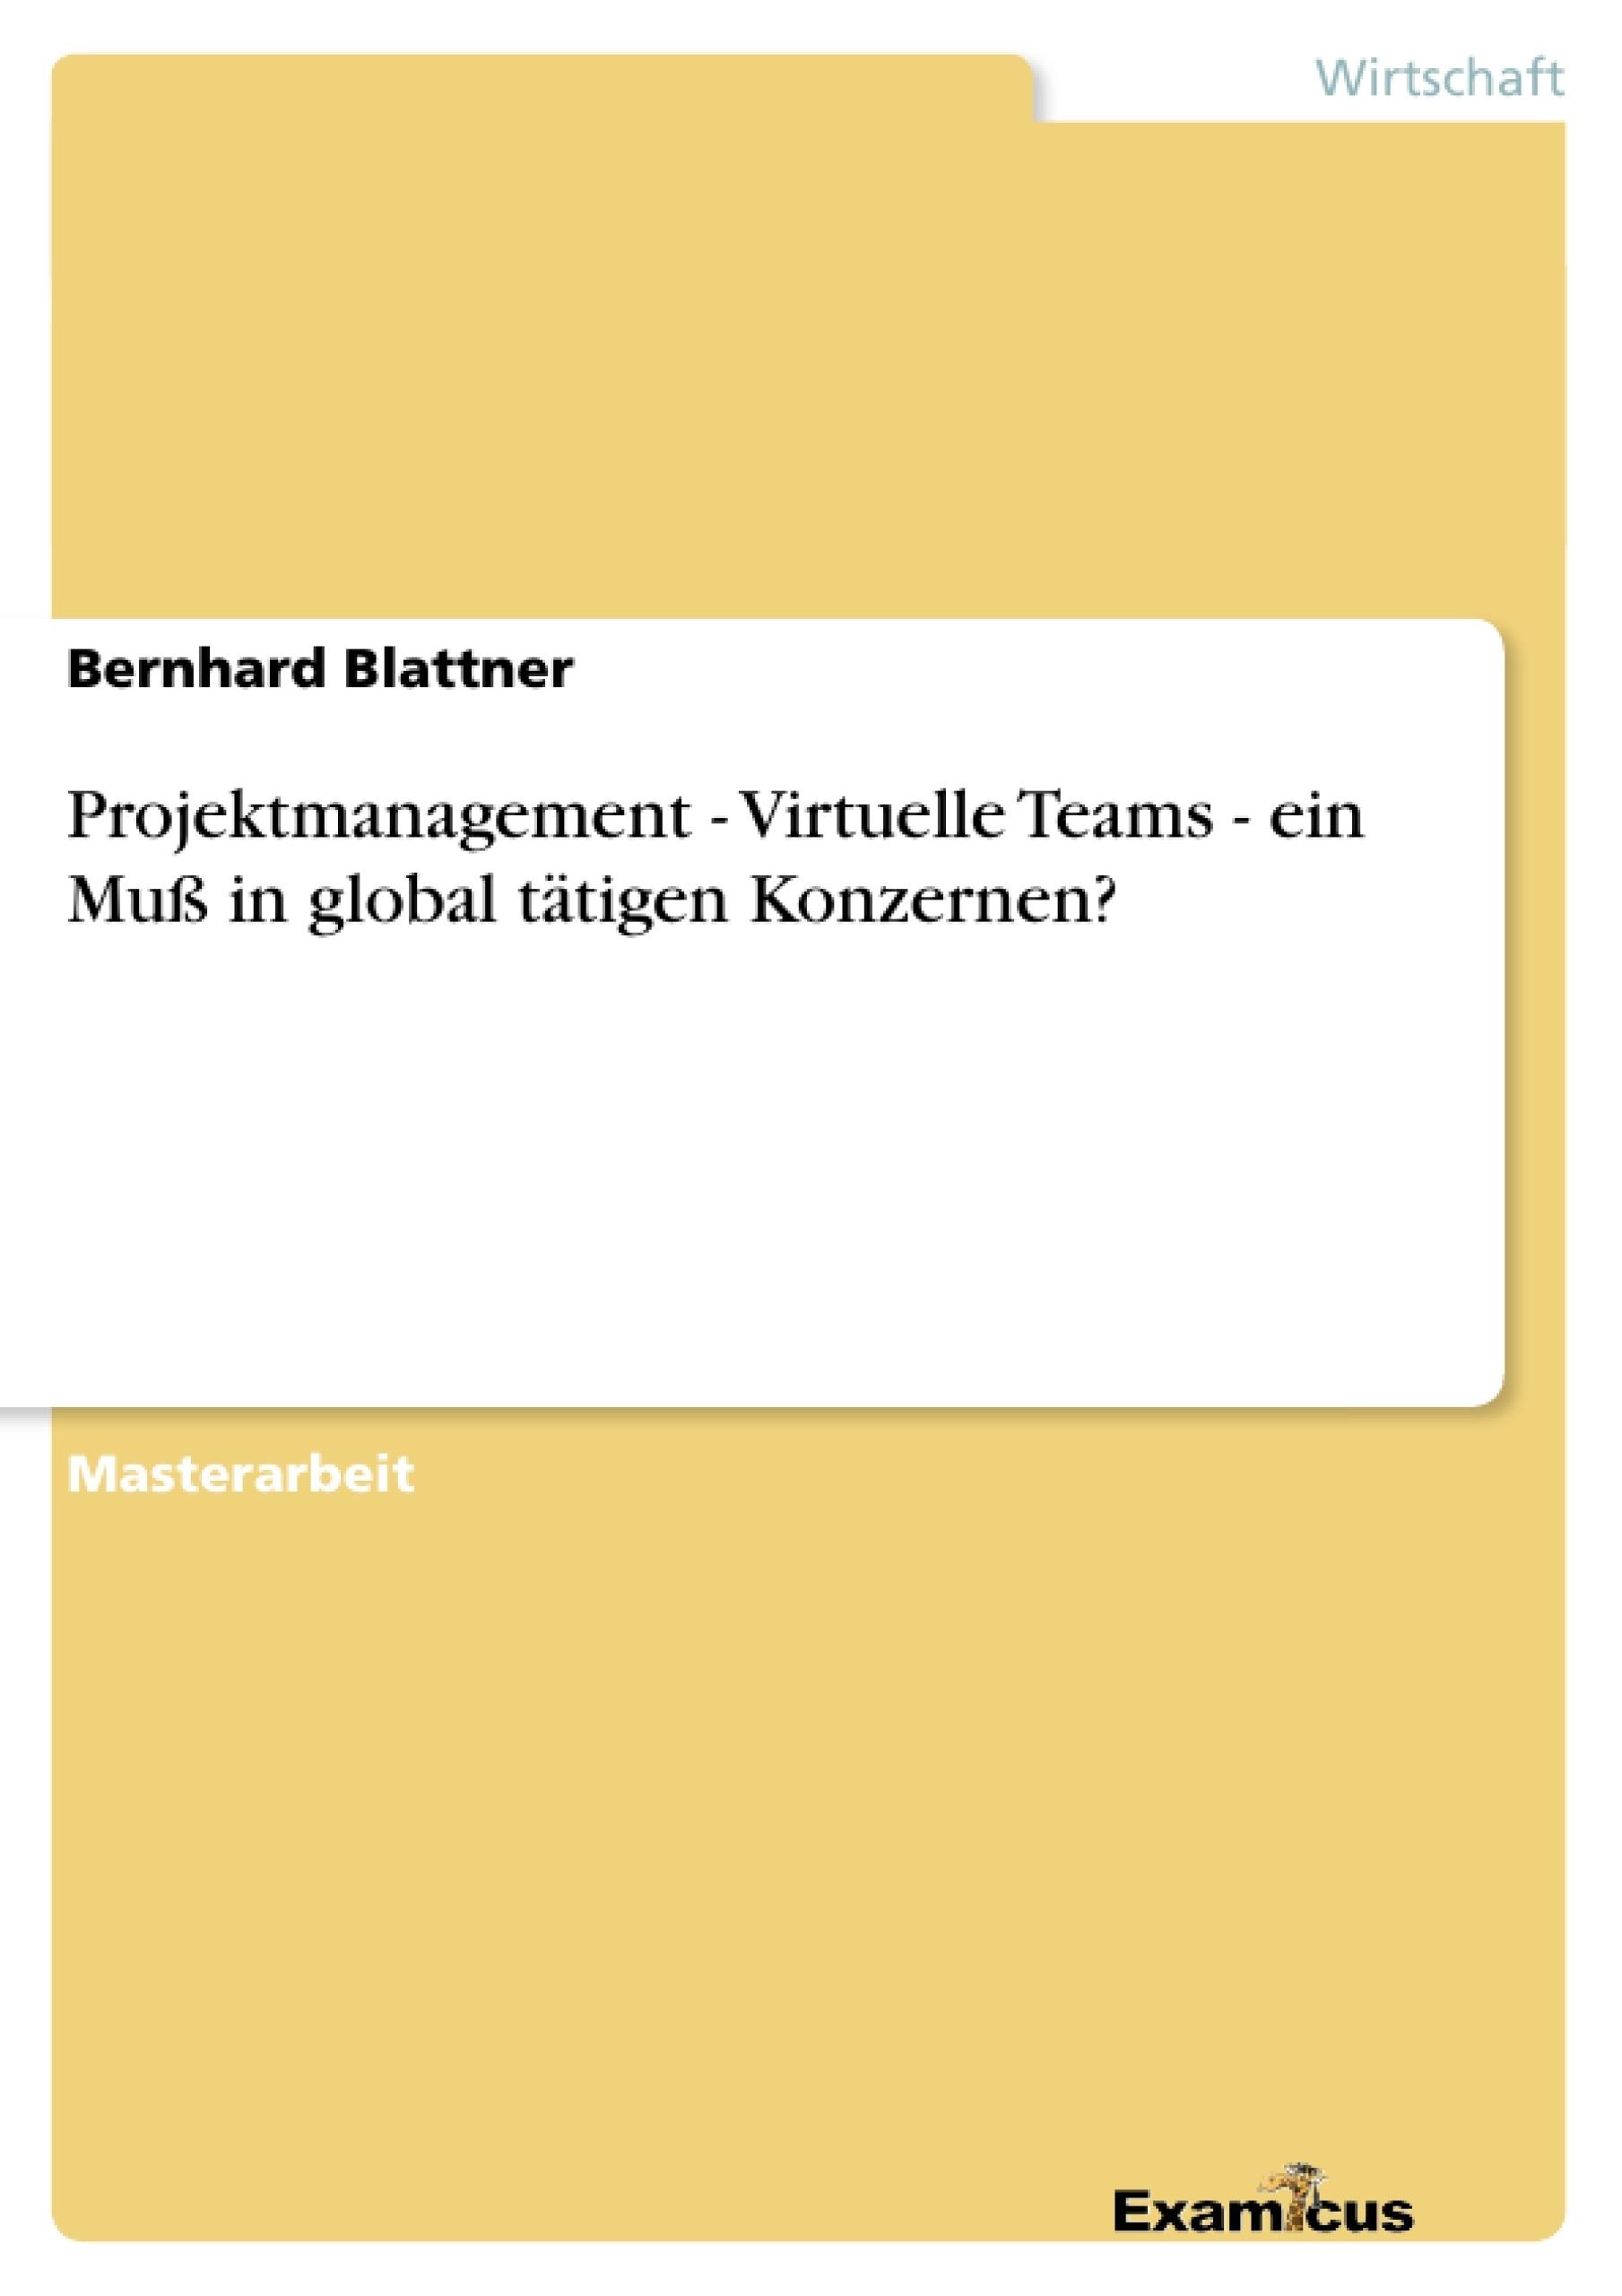 Titel: Projektmanagement - Virtuelle Teams - ein Muß in global tätigen Konzernen?